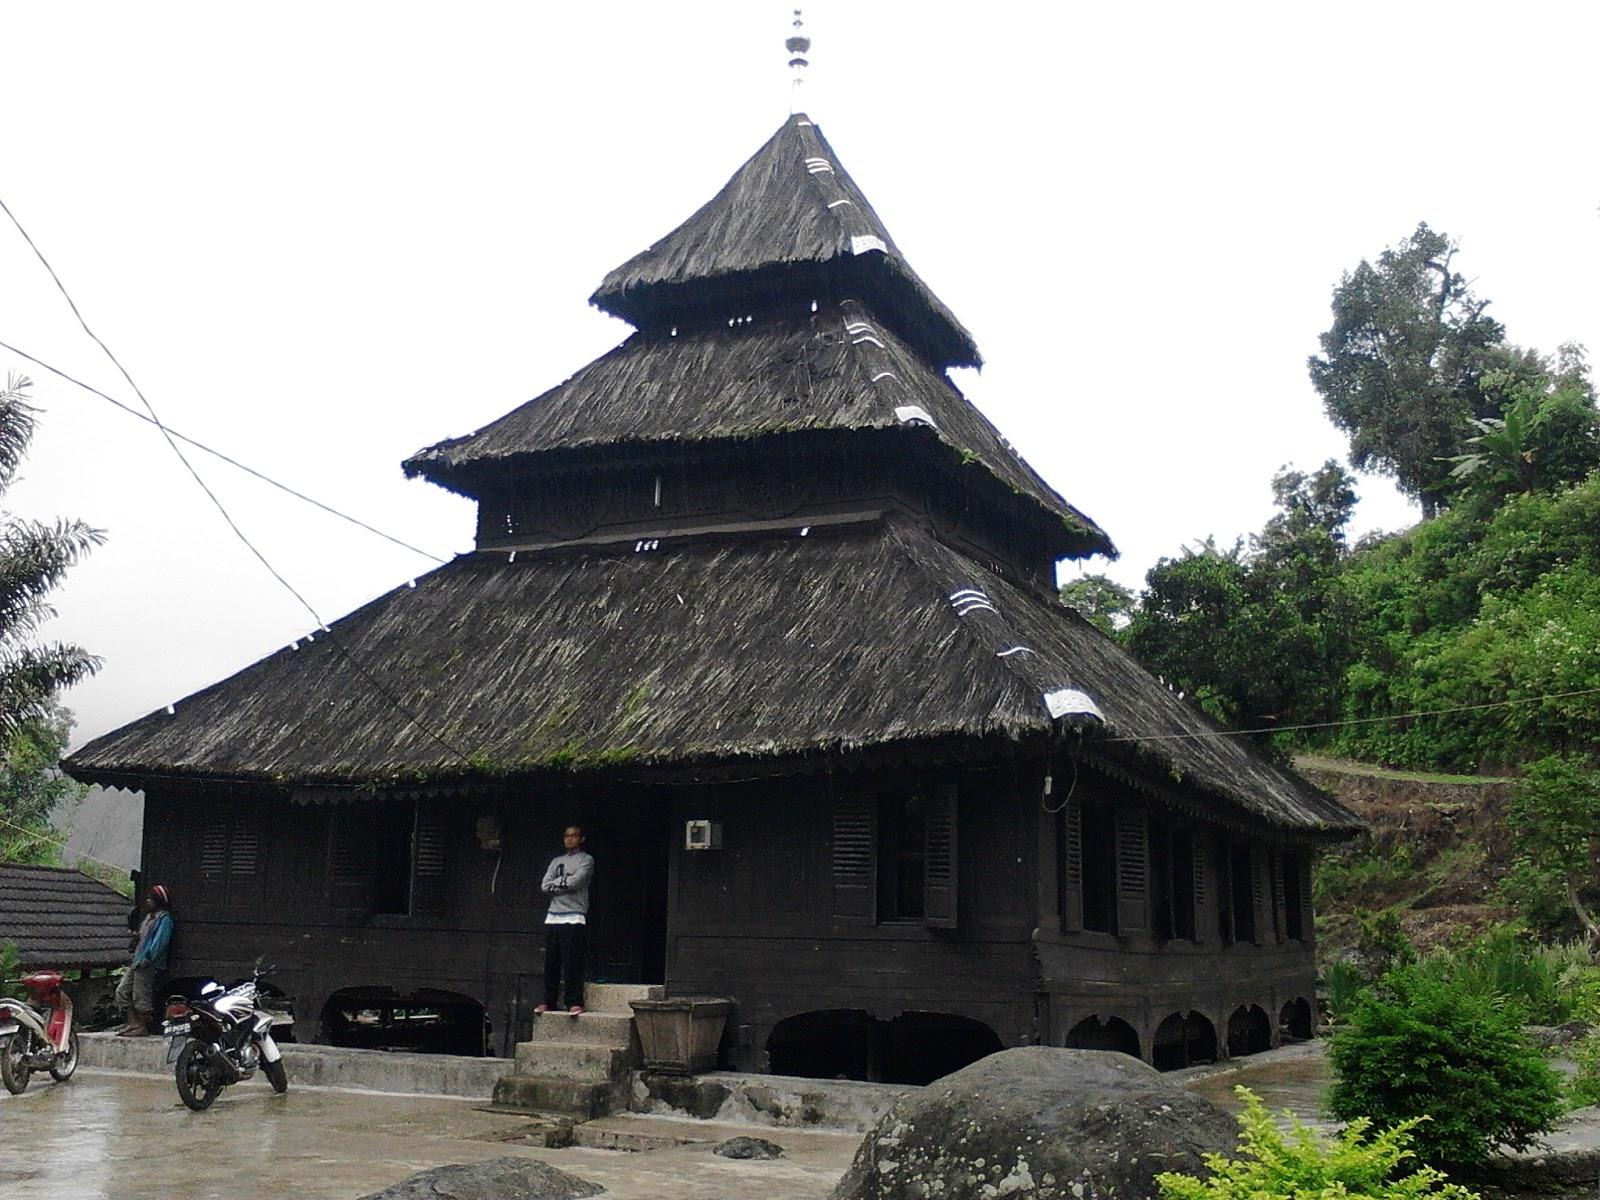 Salah Satu Masjid Tertua Di Indonesia Ada Di Sumatra Barat Raja Piknik